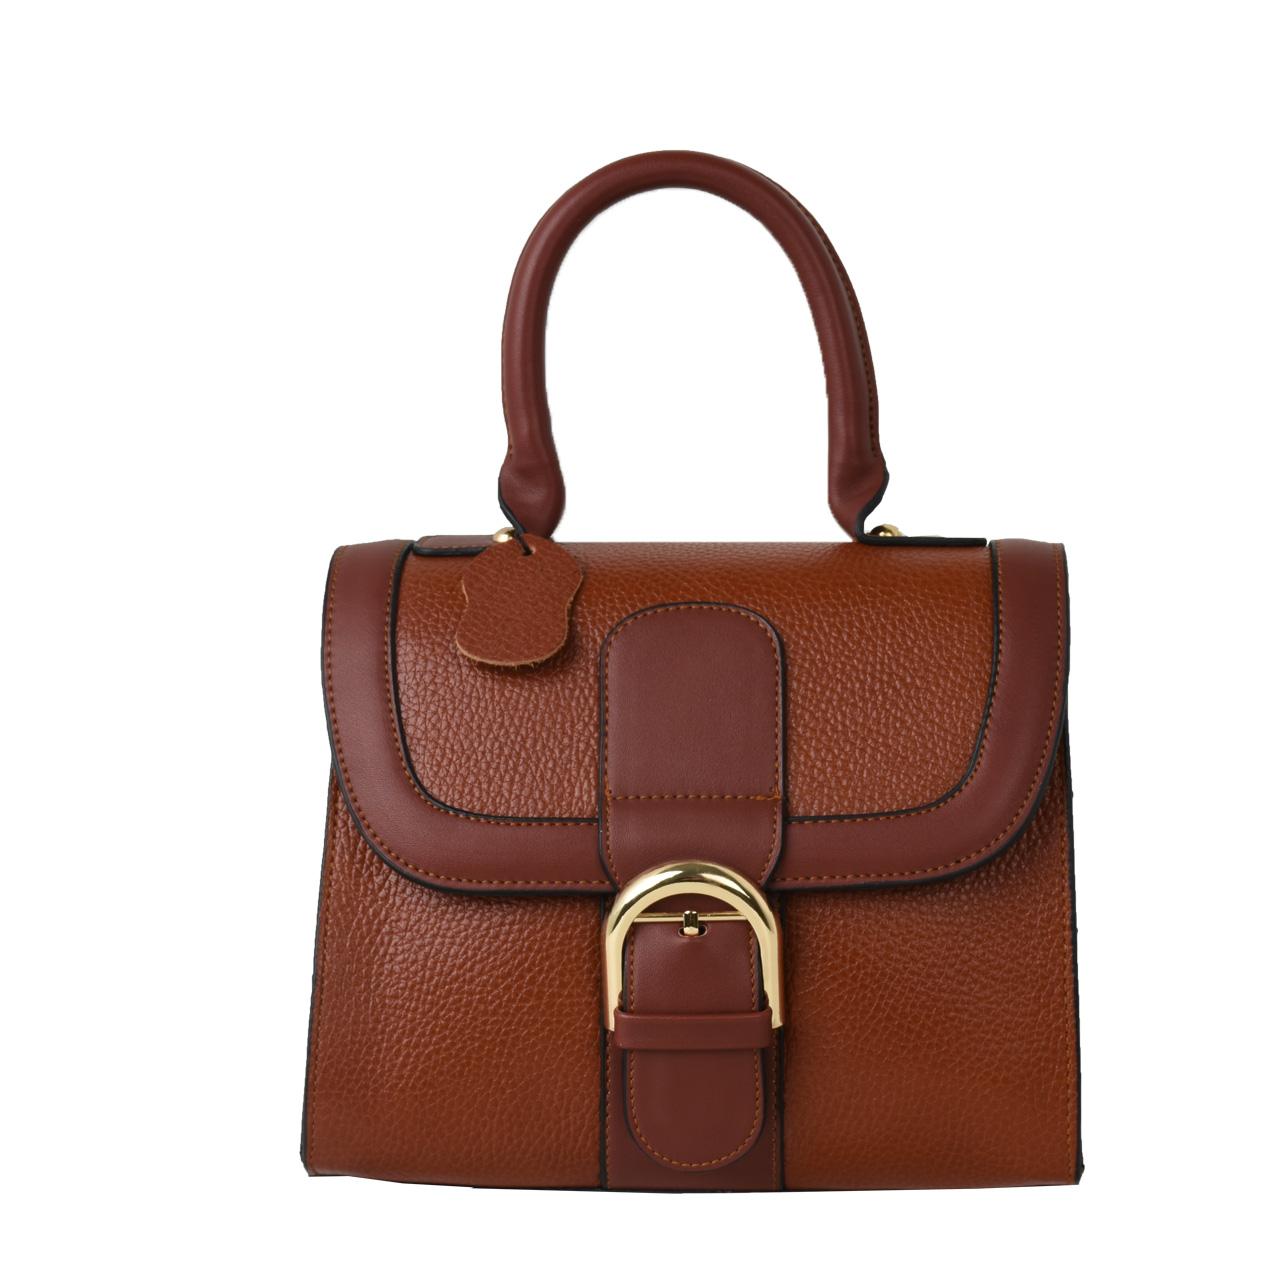 کیف دستی زنانه پارینه کد PLV164-1-1584